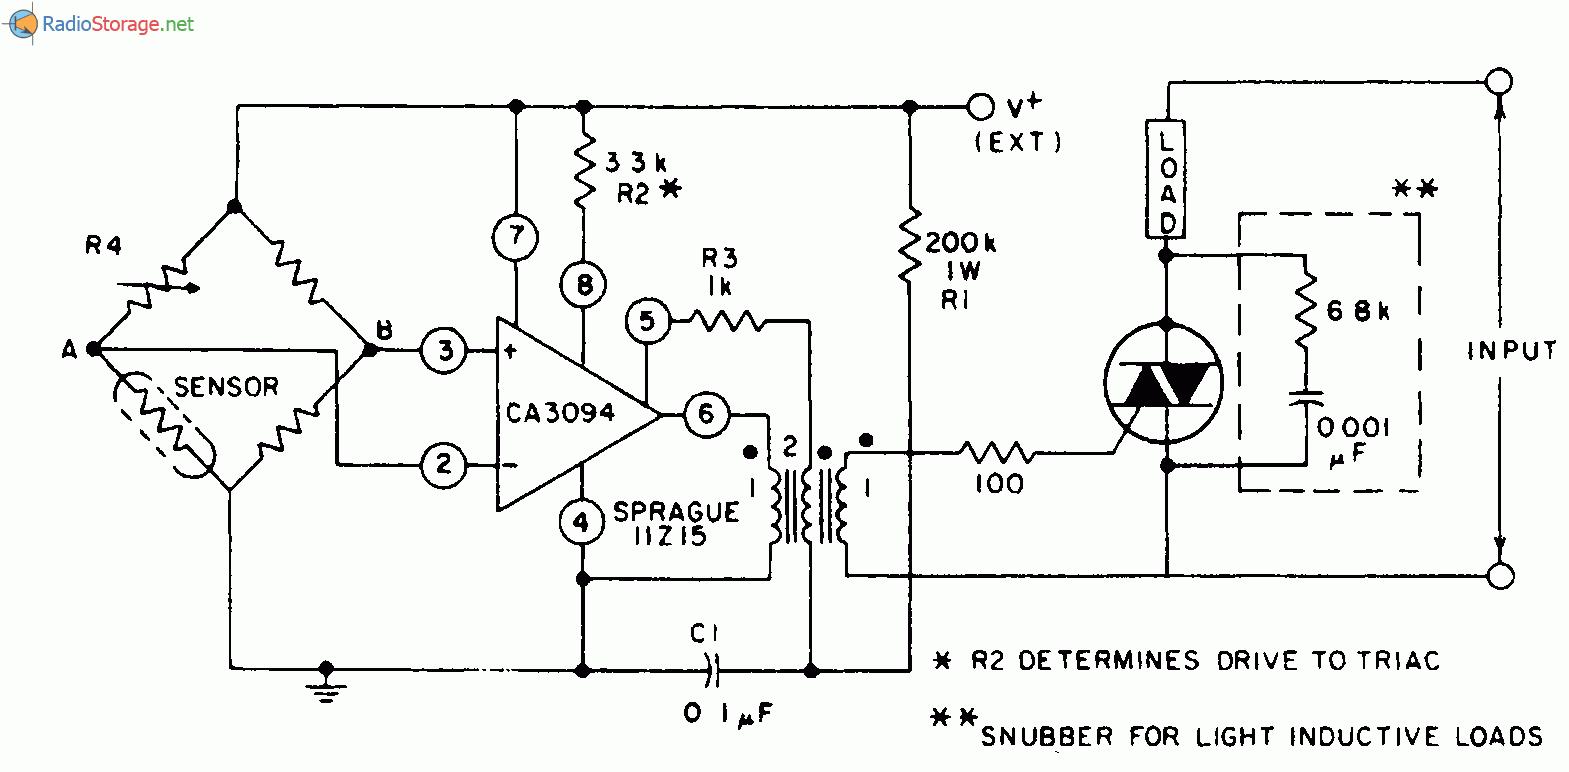 схема мягкого пуска усилителя - Практическая схемотехника.